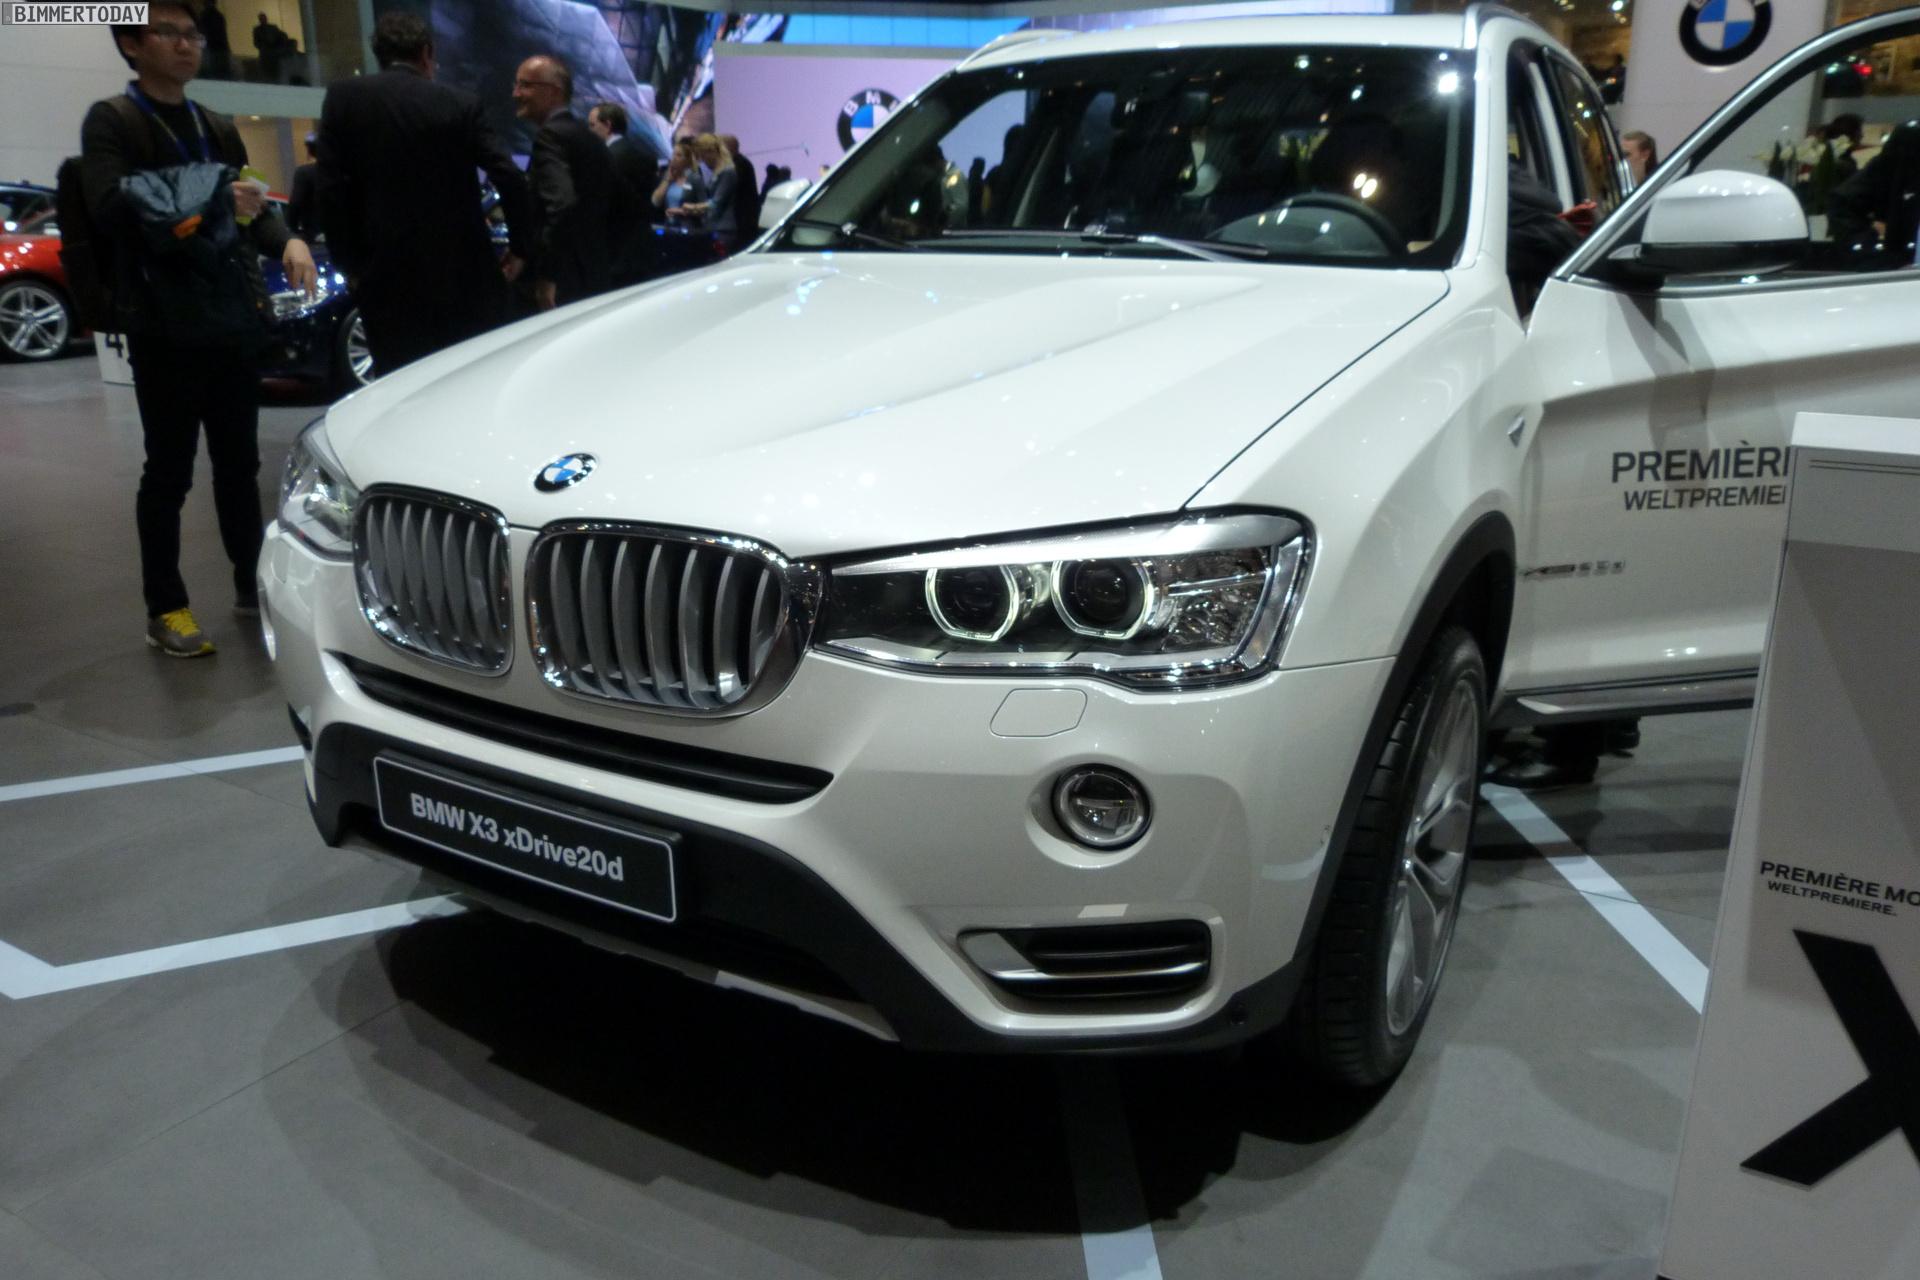 Auto Bild Retracts Allegations Regarding Bmw Diesel Emissions